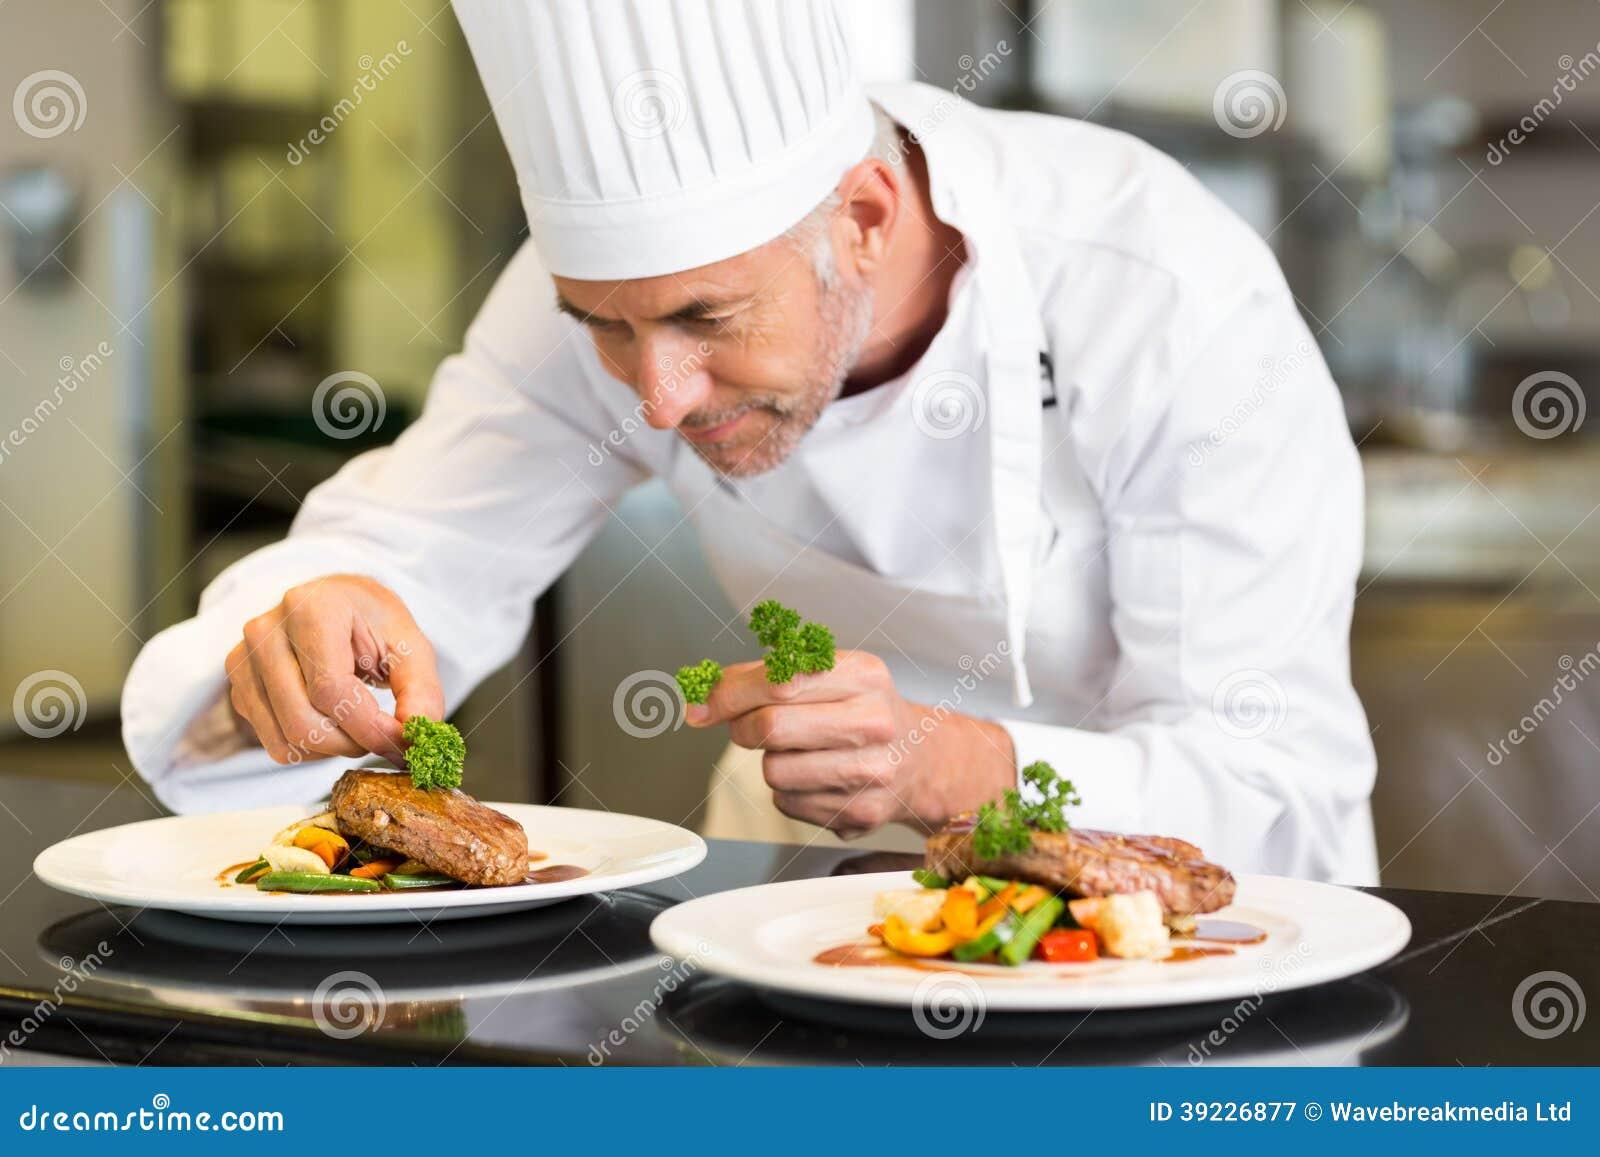 Koncentrerad manlig kock som garnerar mat i kök